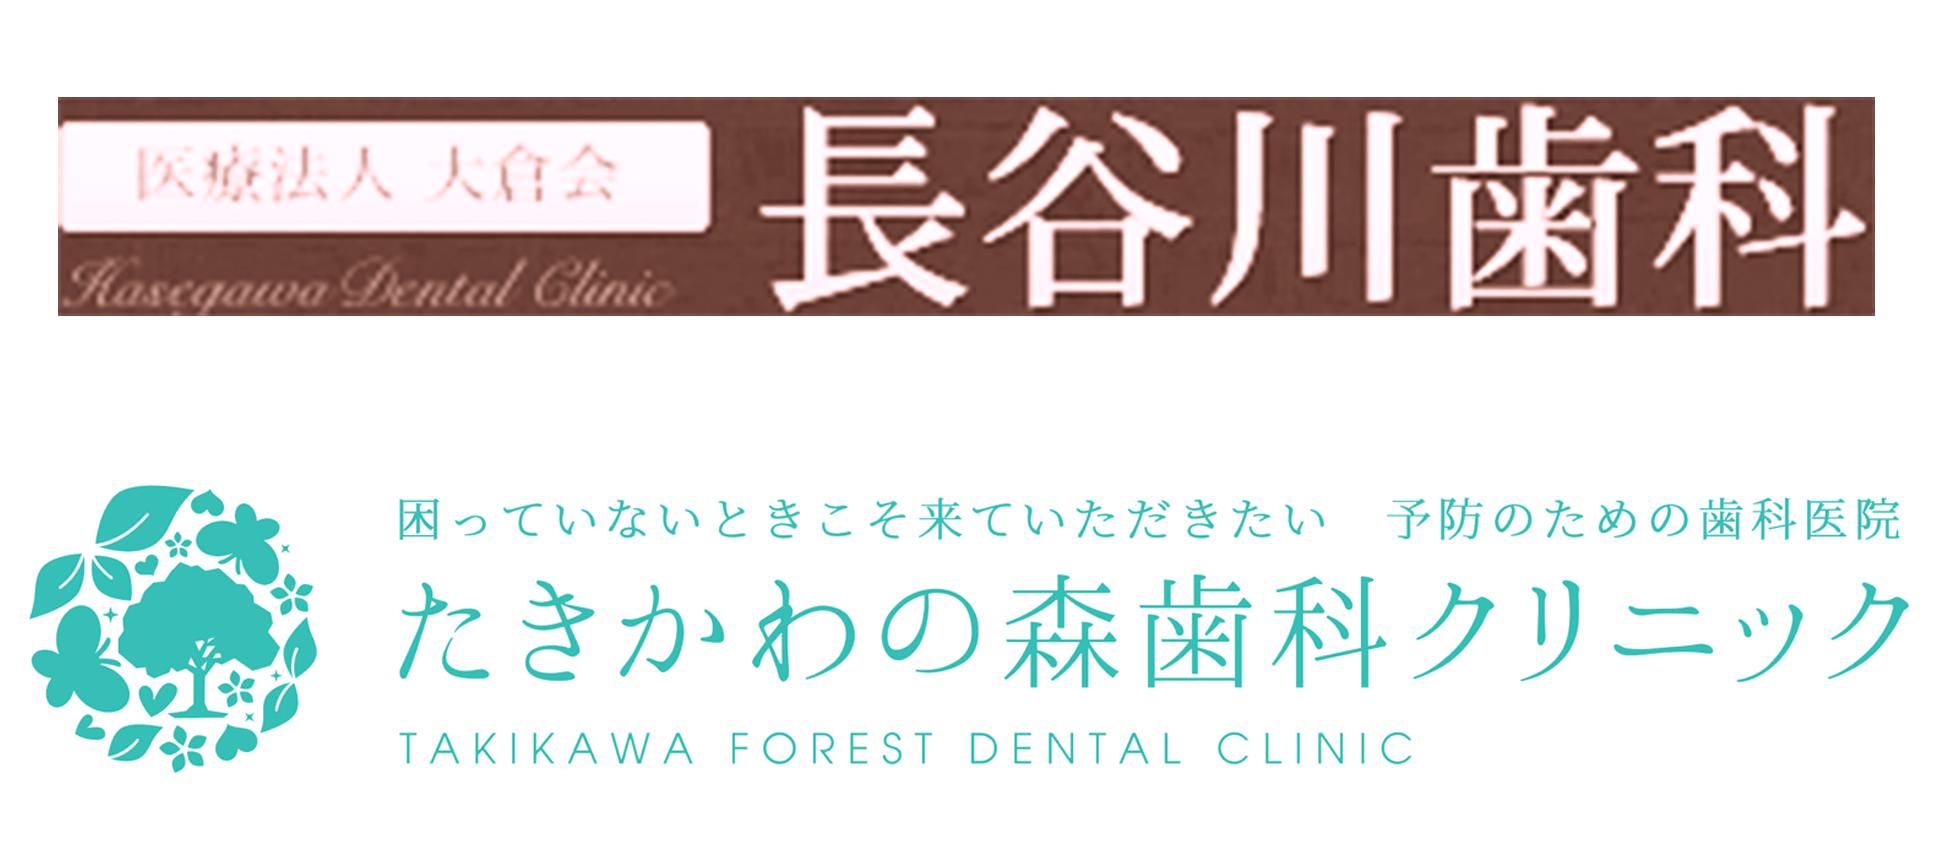 医療法人大倉会 長谷川歯科・たきかわの森歯科採用サイト